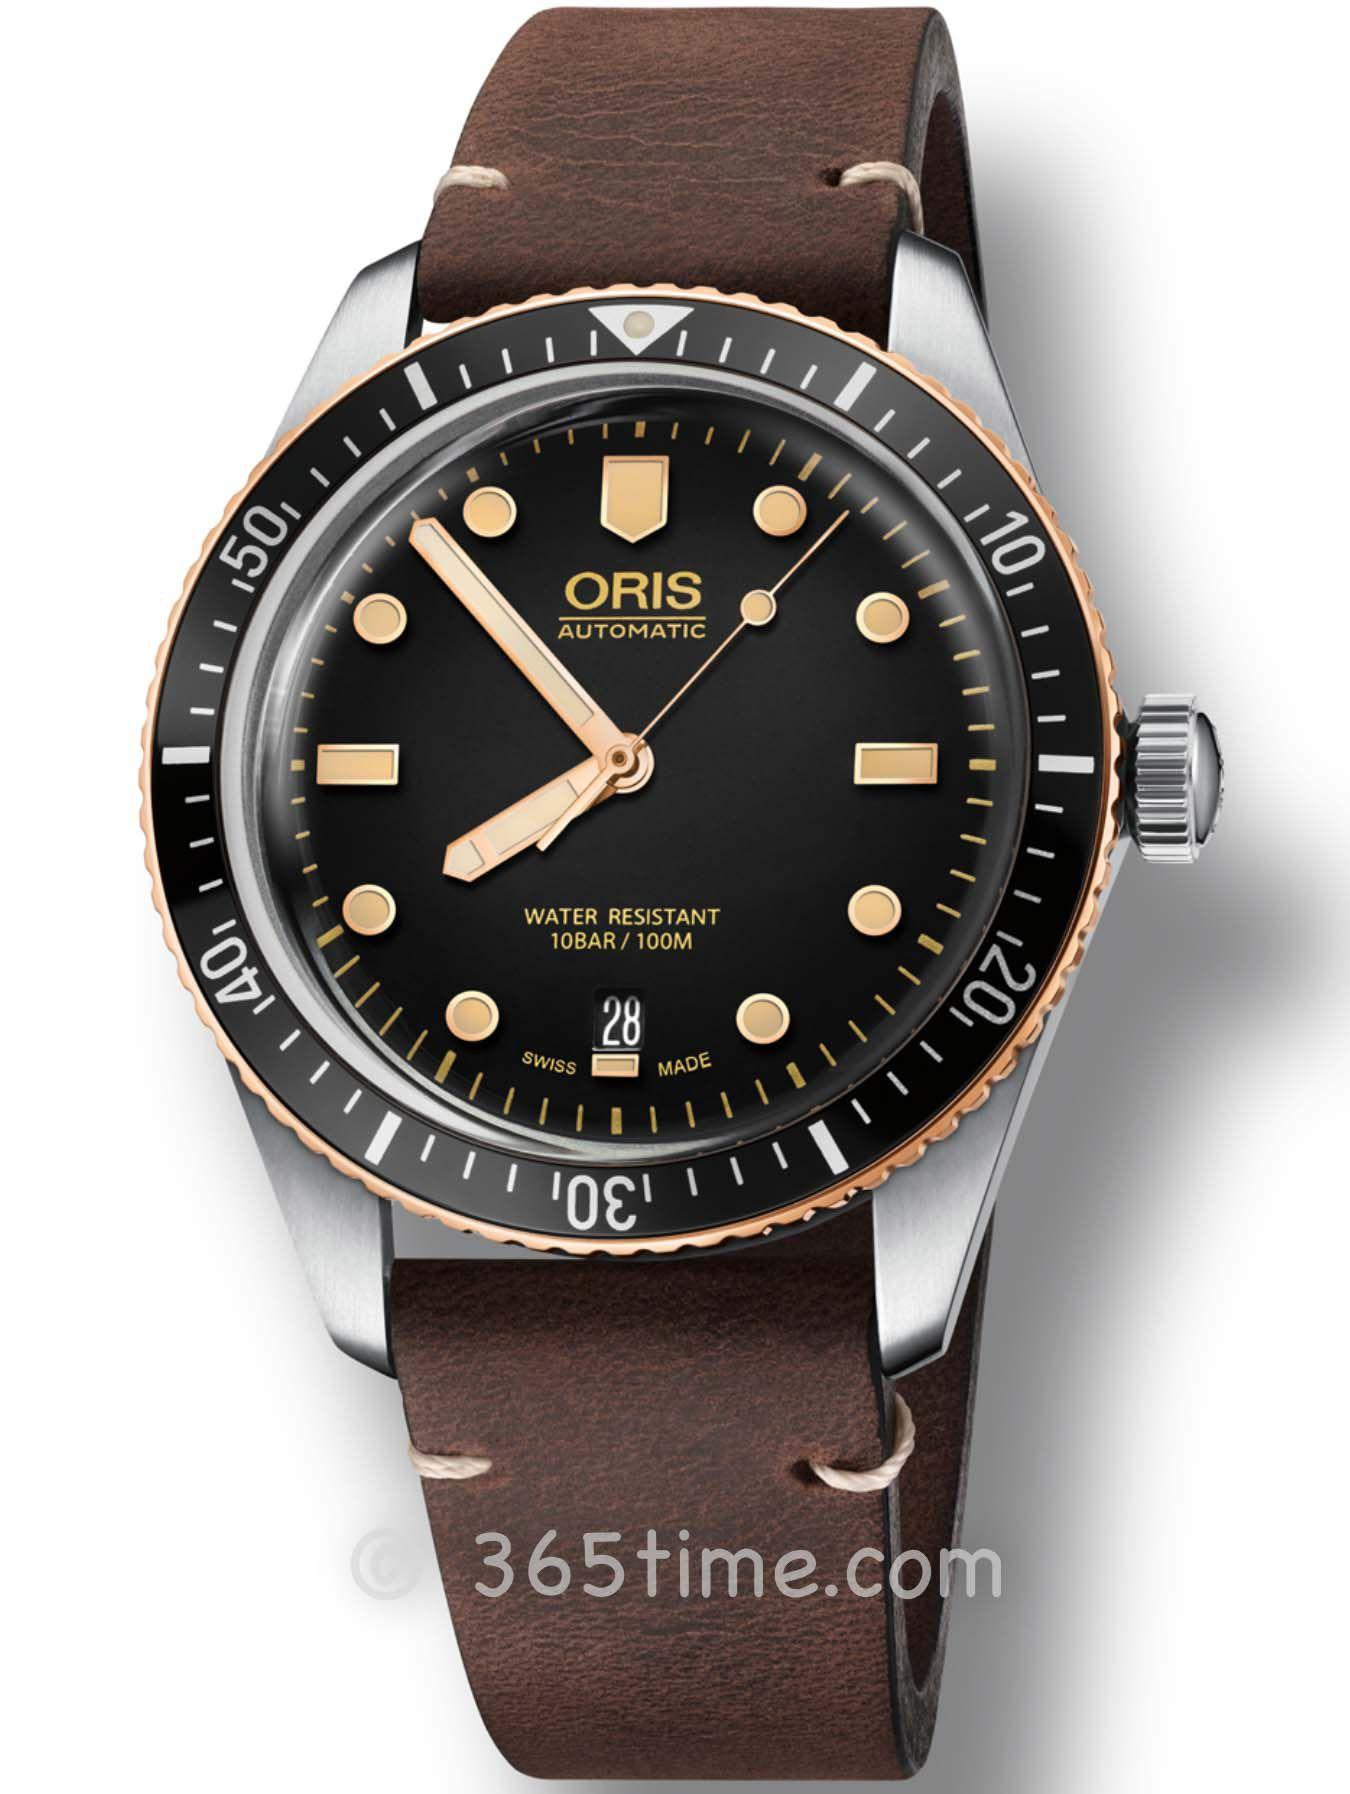 Oris豪利时潜水系列65年复刻版潜水腕表01 733 7707 4354-07 5 20 55